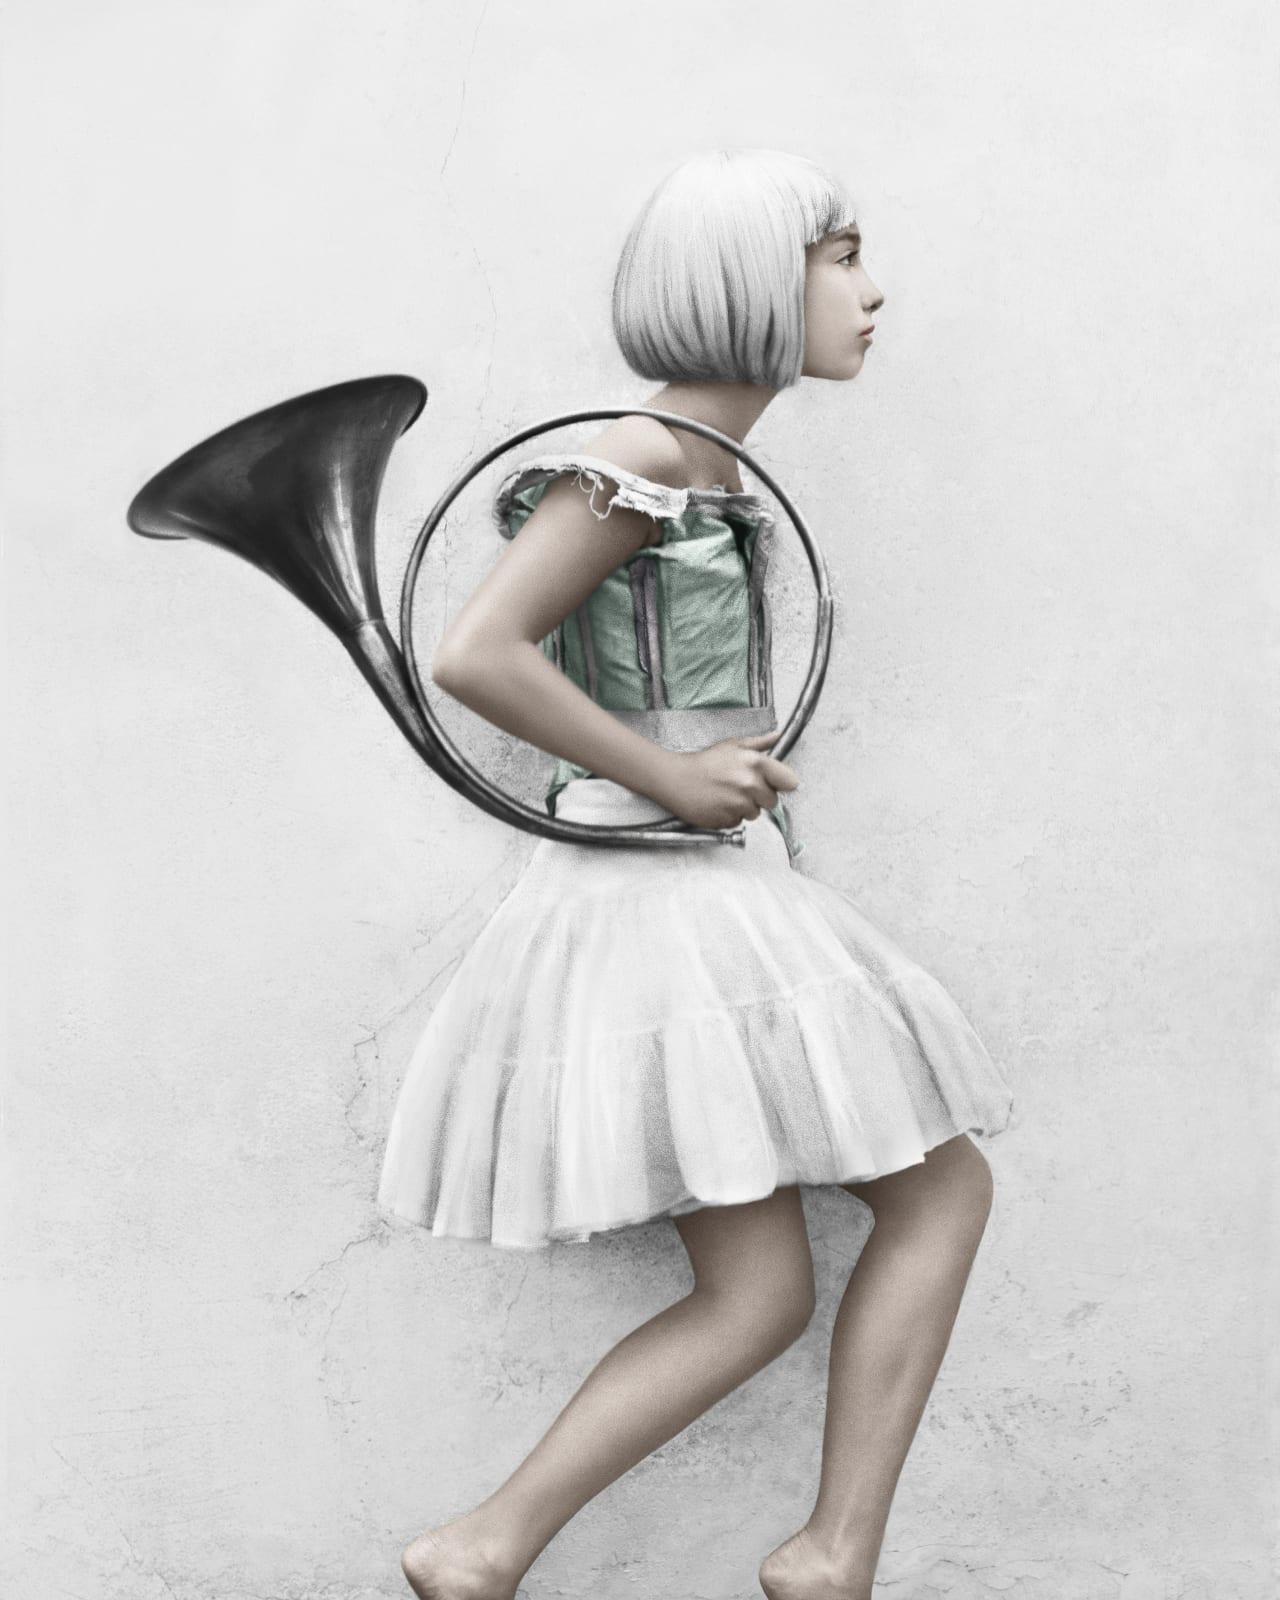 Vee Speers Untitled #34, Bulletproof, 2013